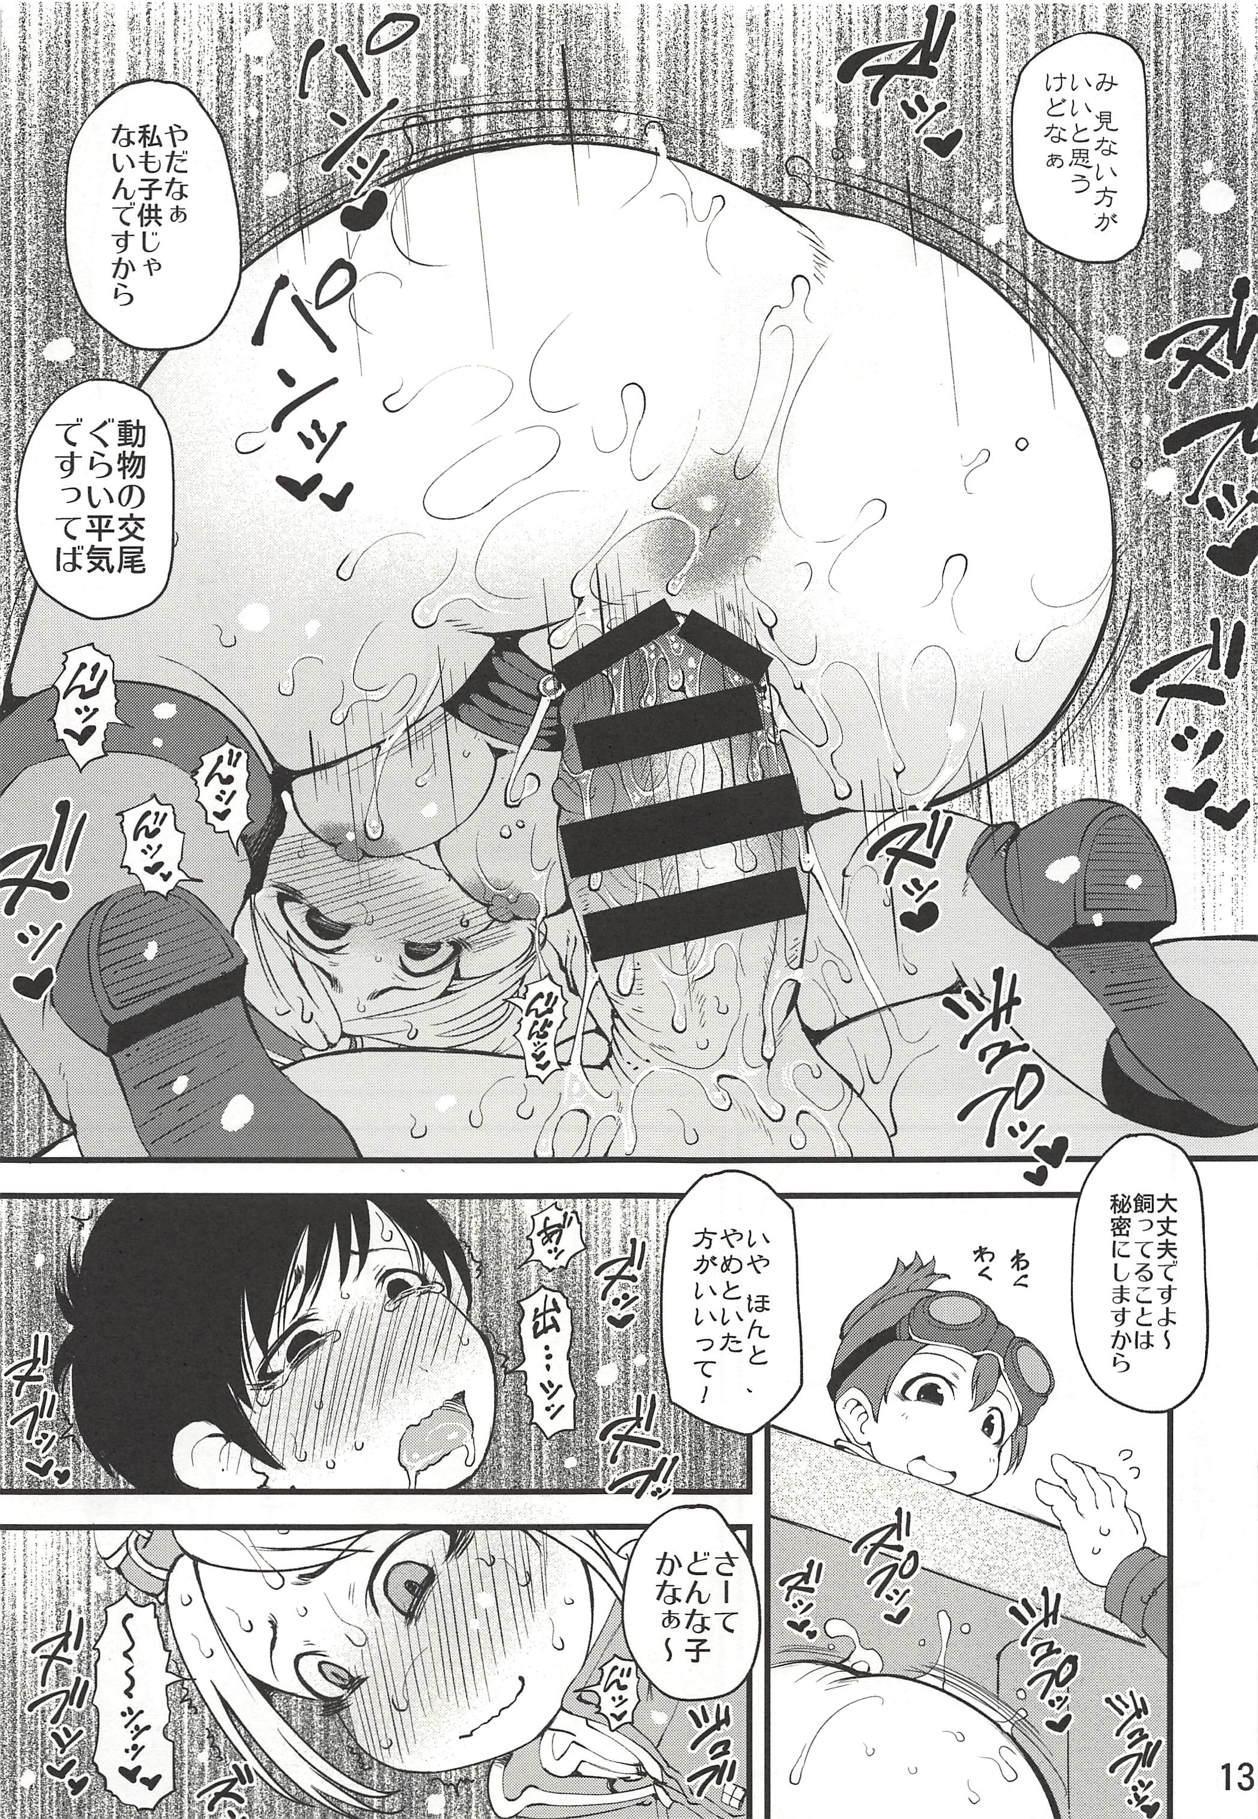 Katsuyoku no Uketsukejou 11